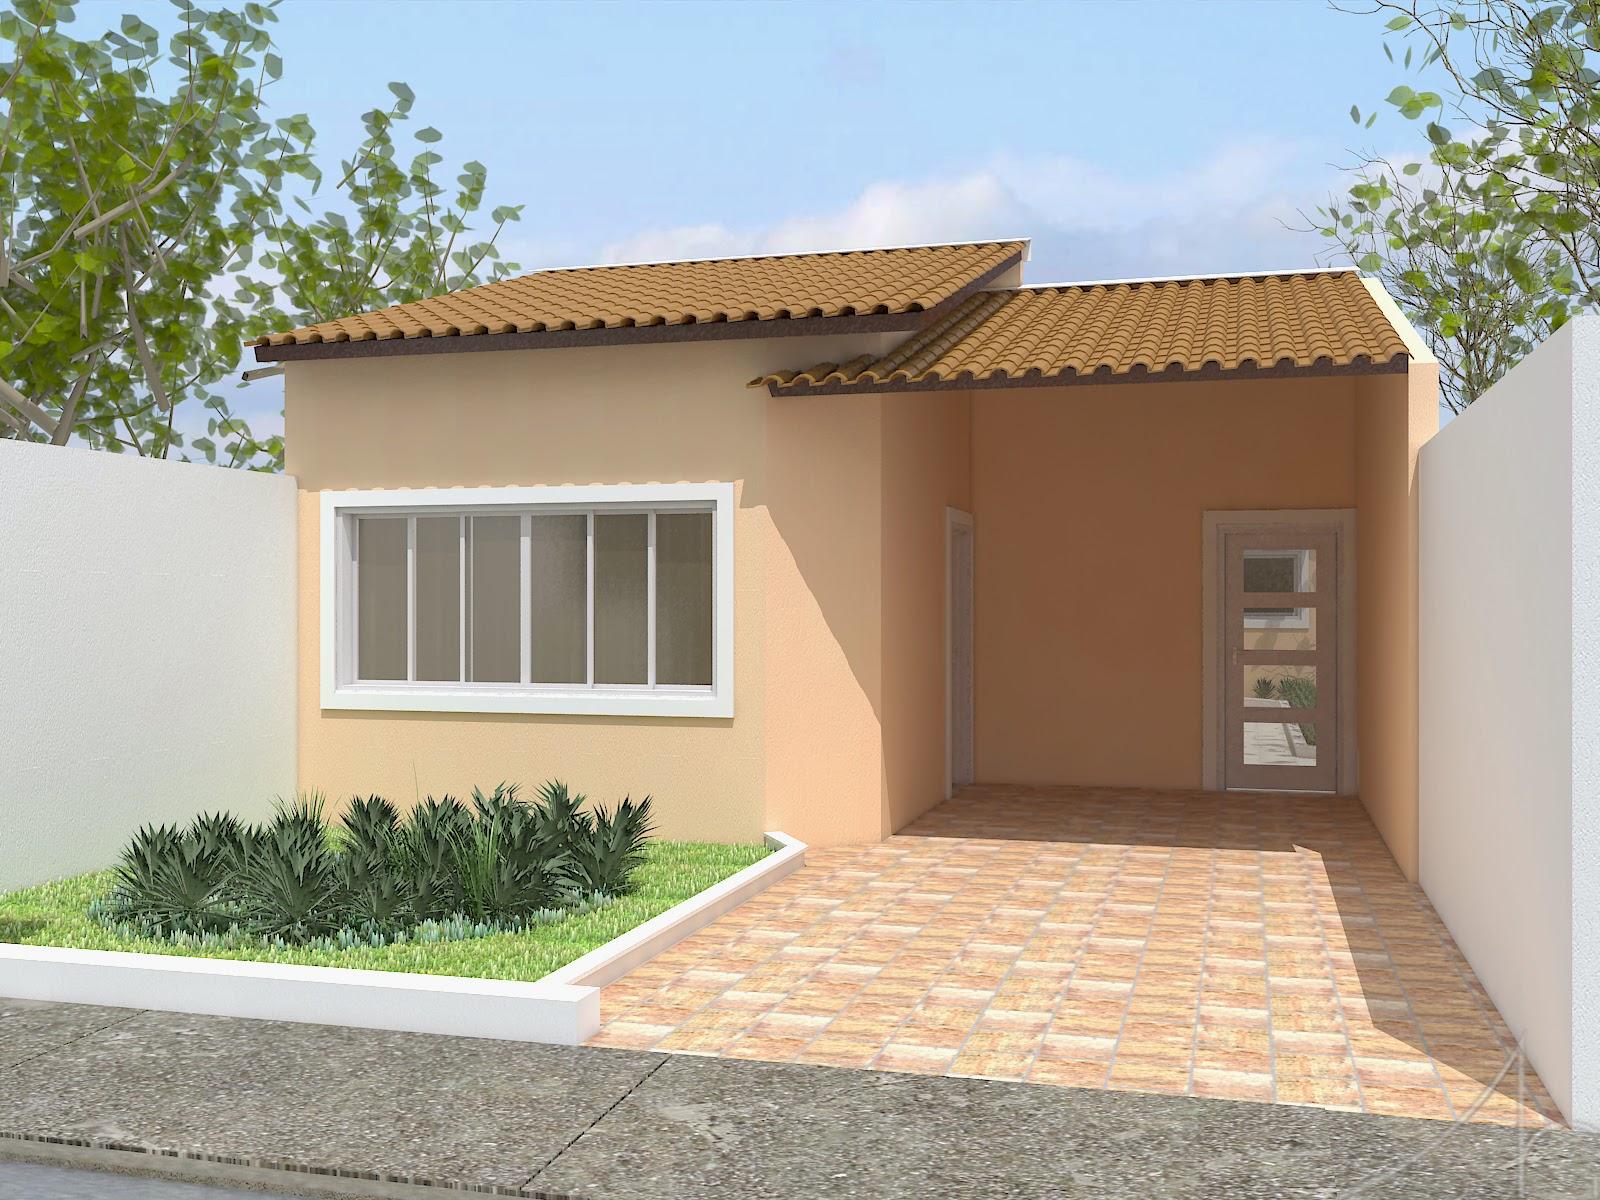 Novos trabalhos casa popular arq nicolau wnez for Casa popular